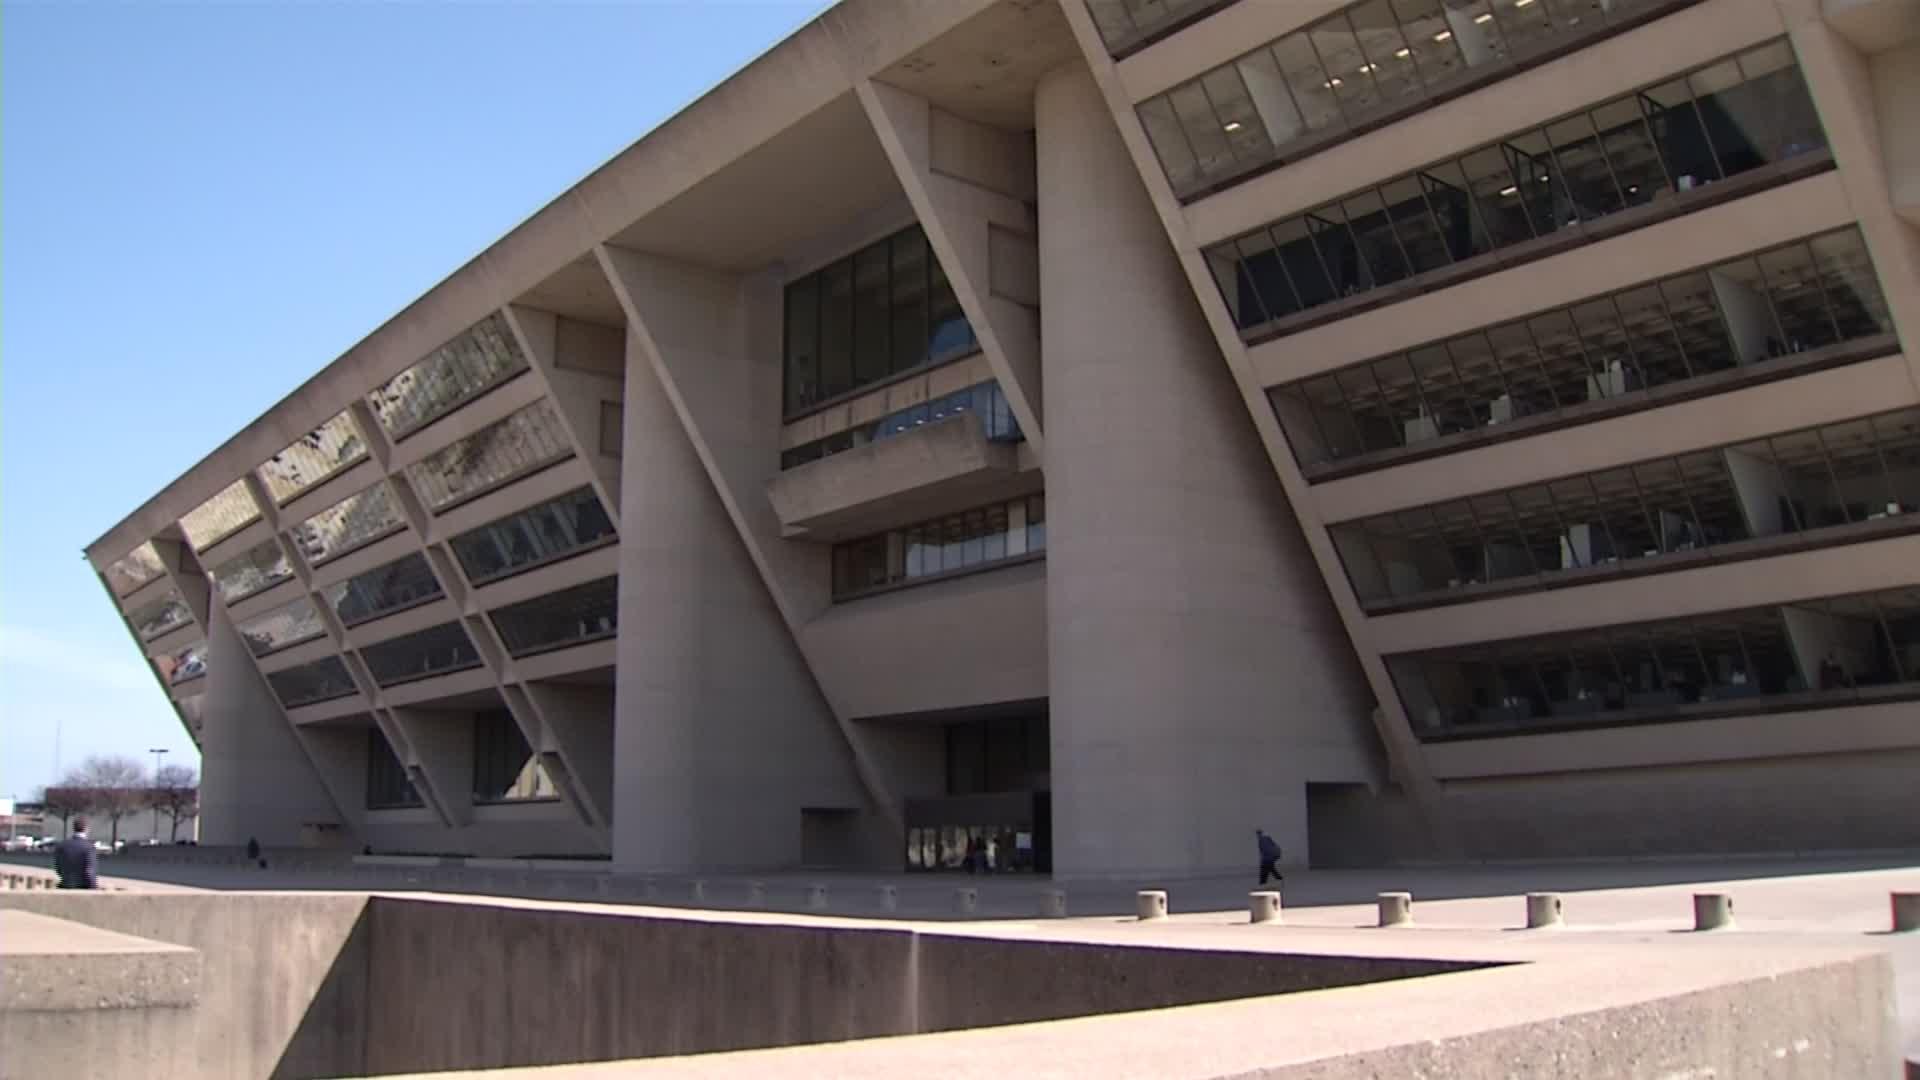 Dallas City Hall Closed to the Public